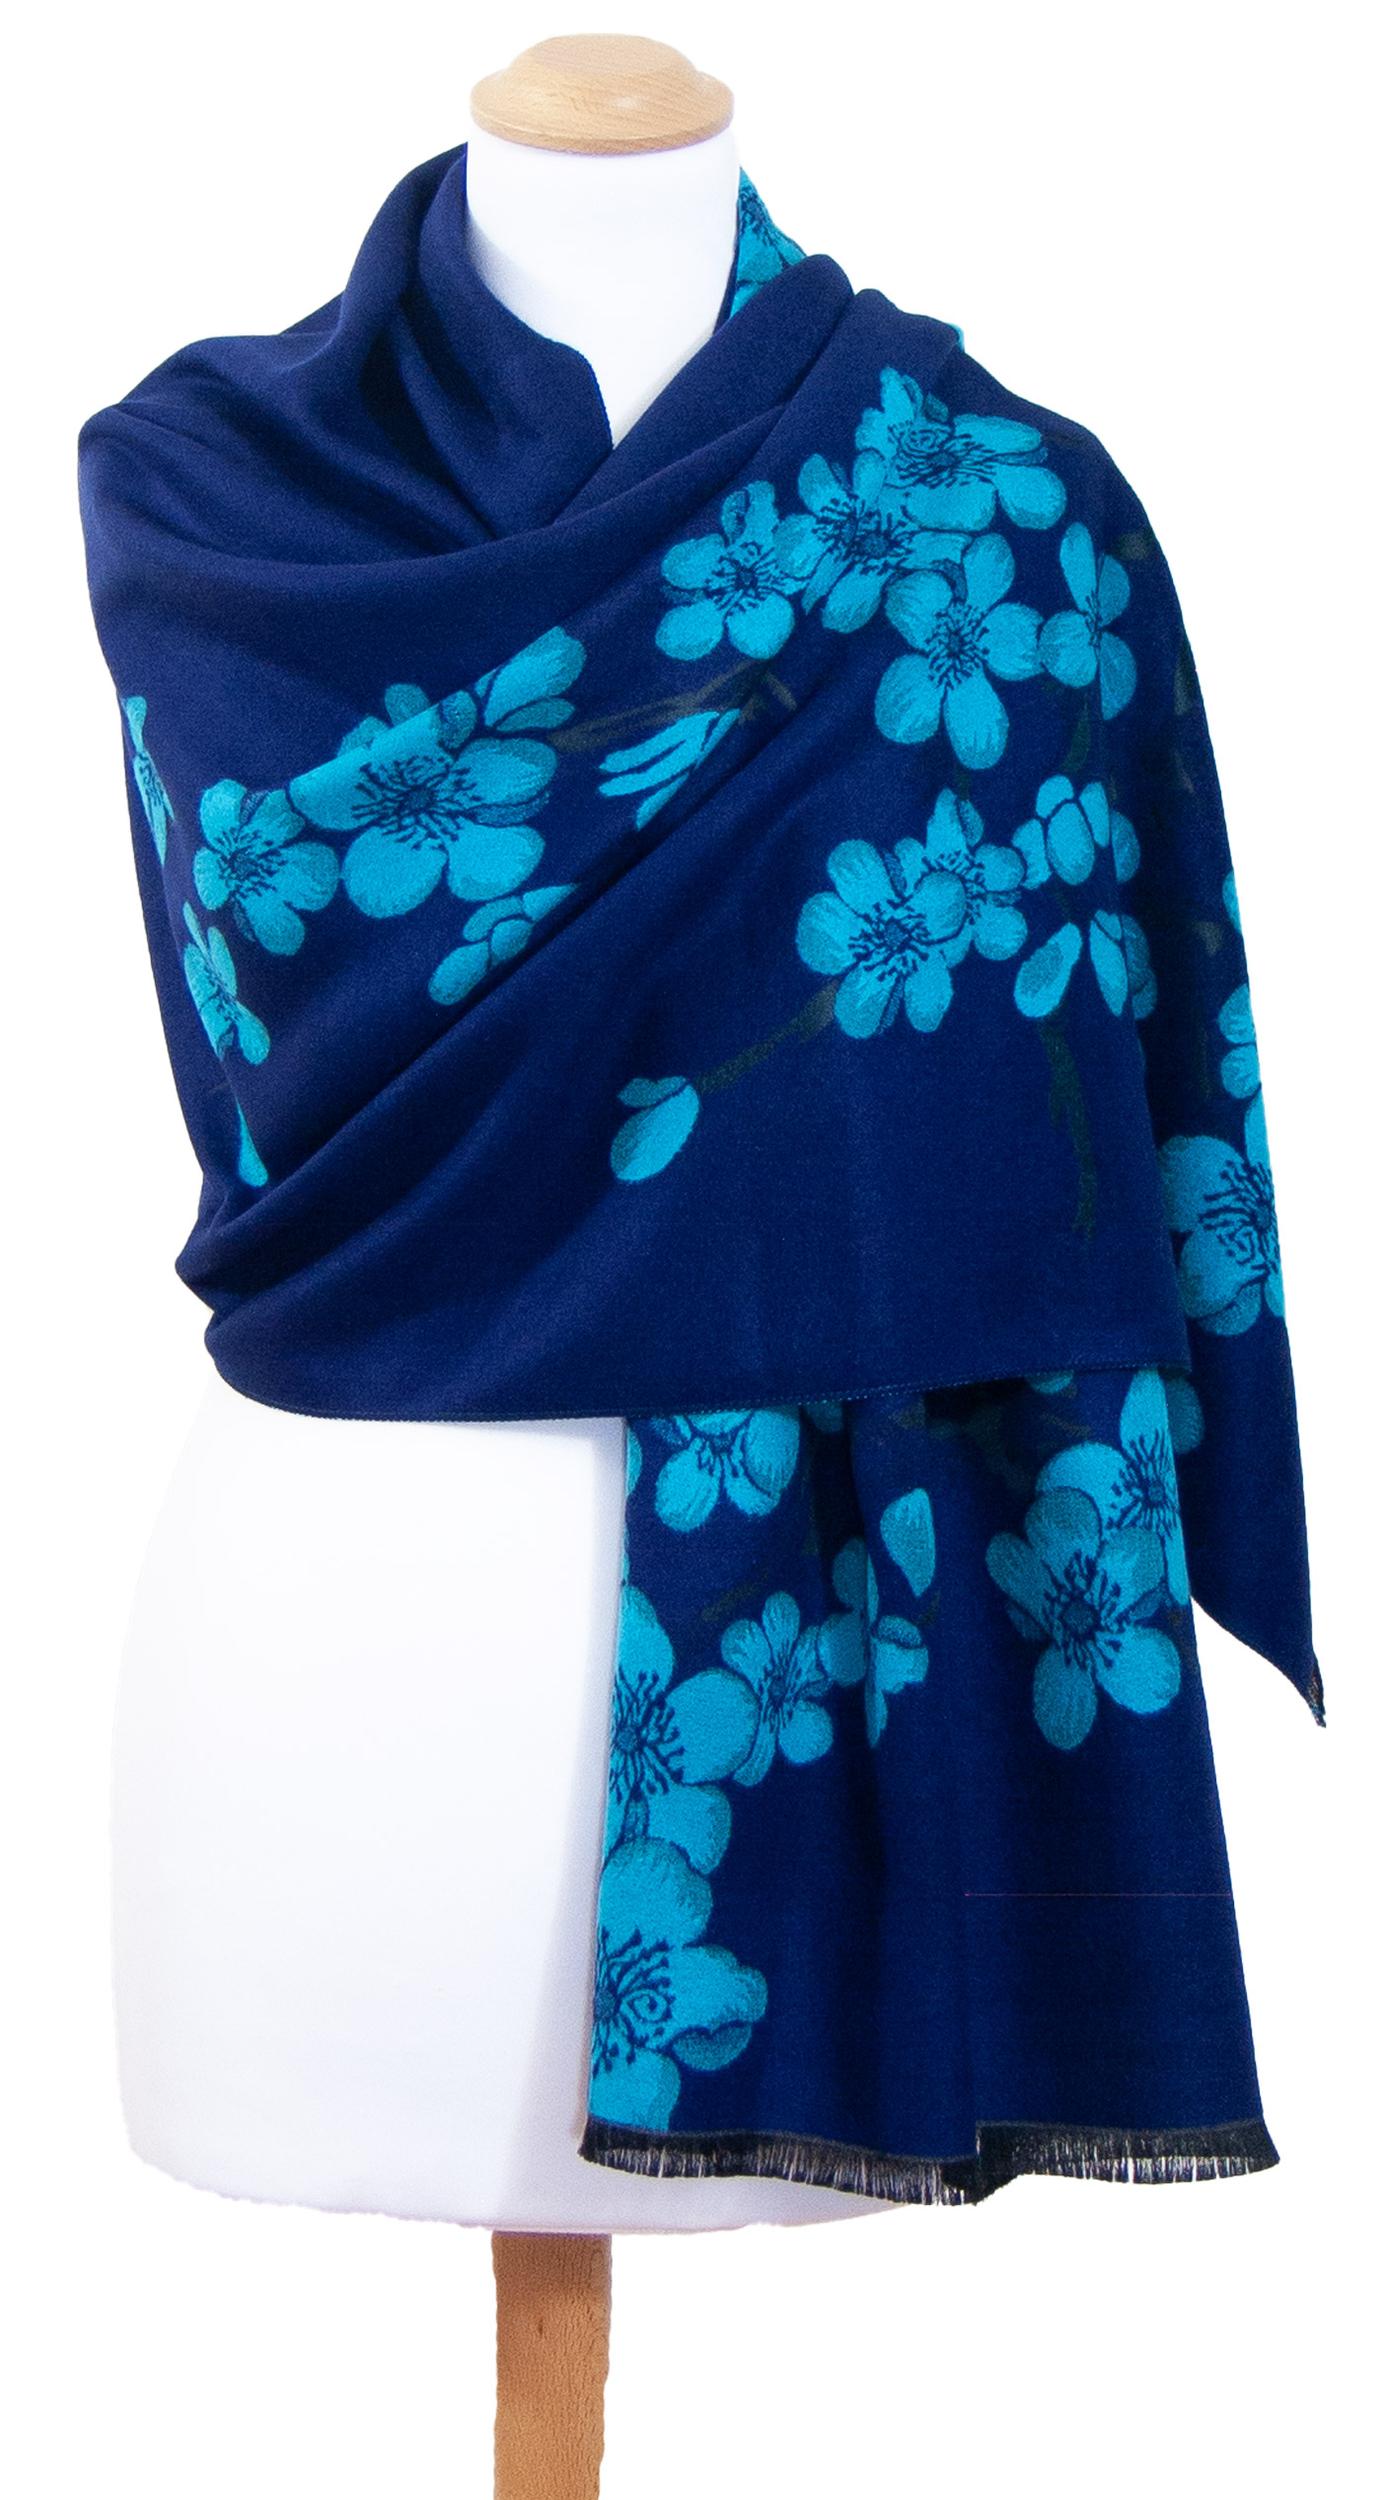 Châle bleu marine turquoise fleurs de cerisiers